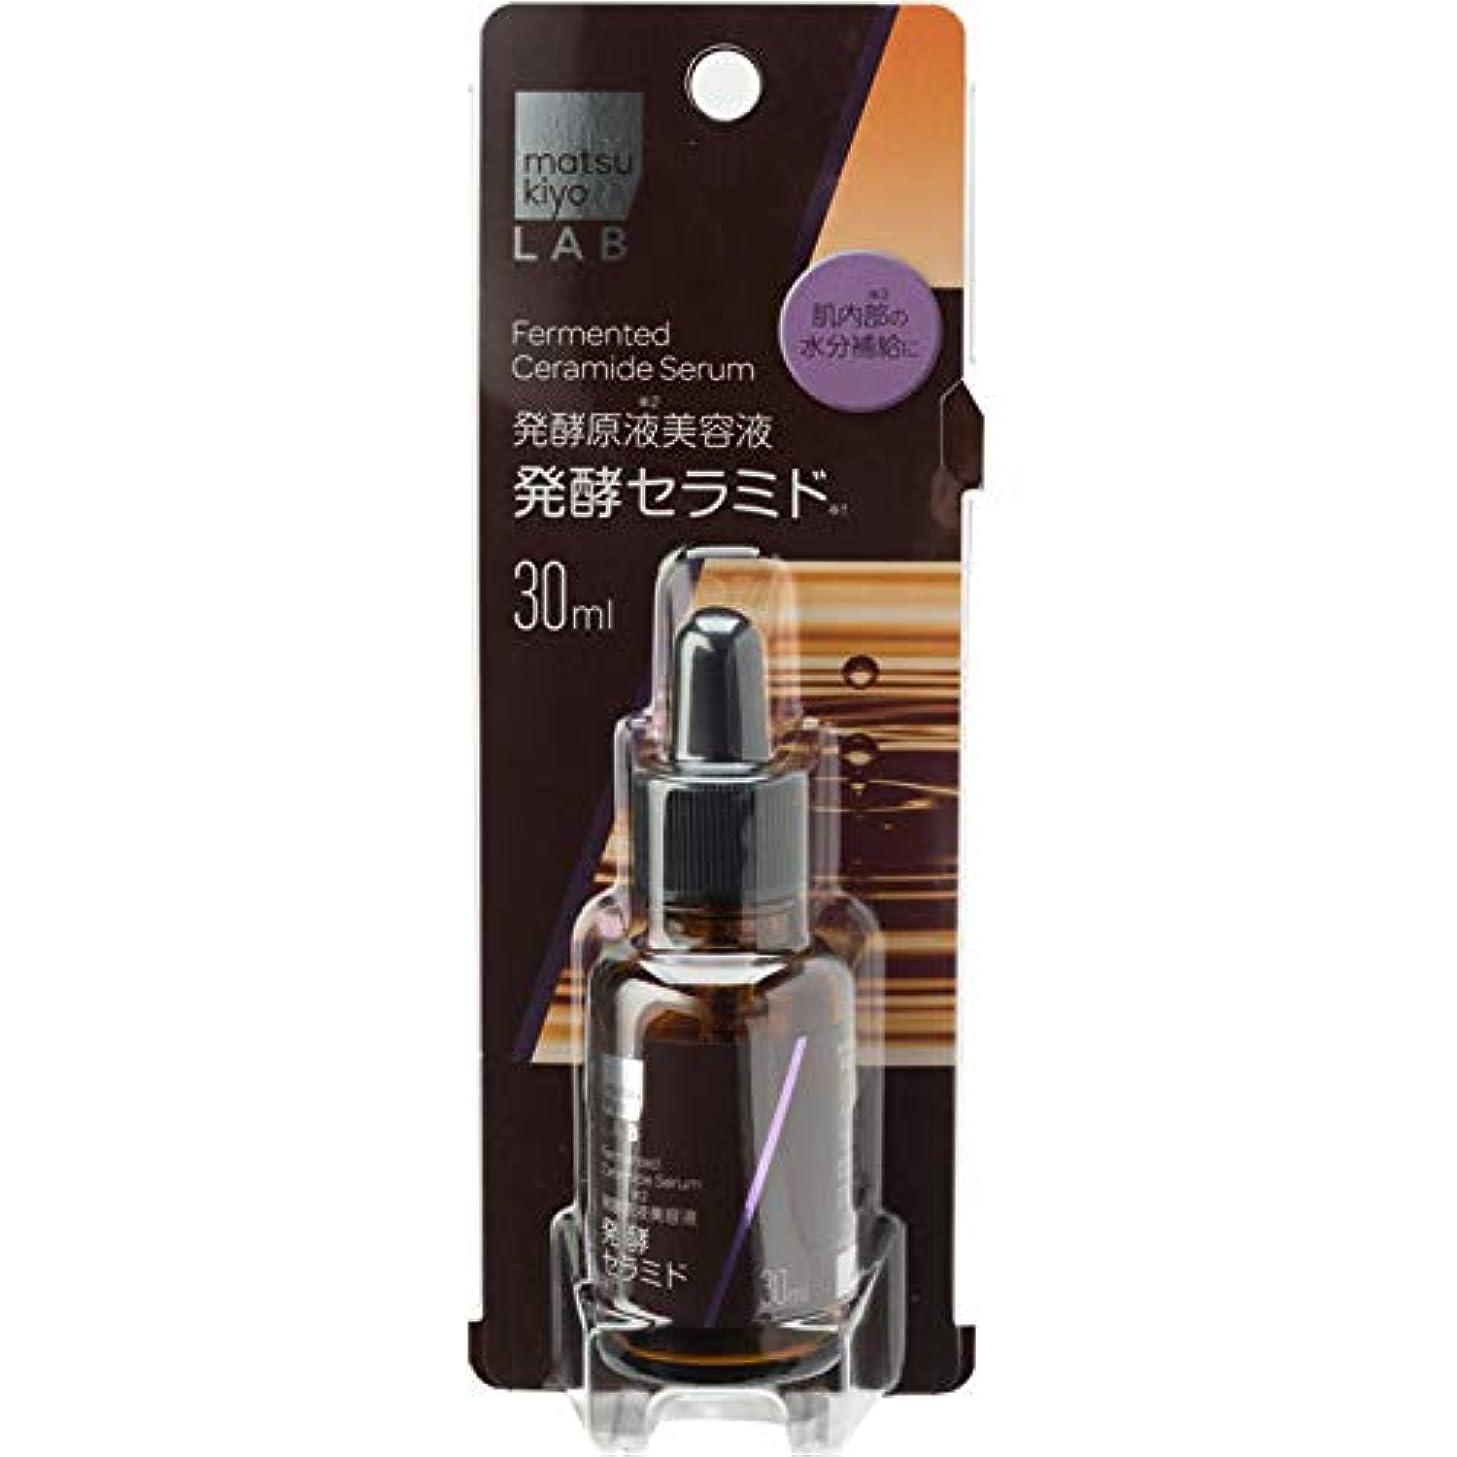 リットル残忍なスリップシューズmatsukiyo LAB 発酵原液美容液 セラミド 30ml